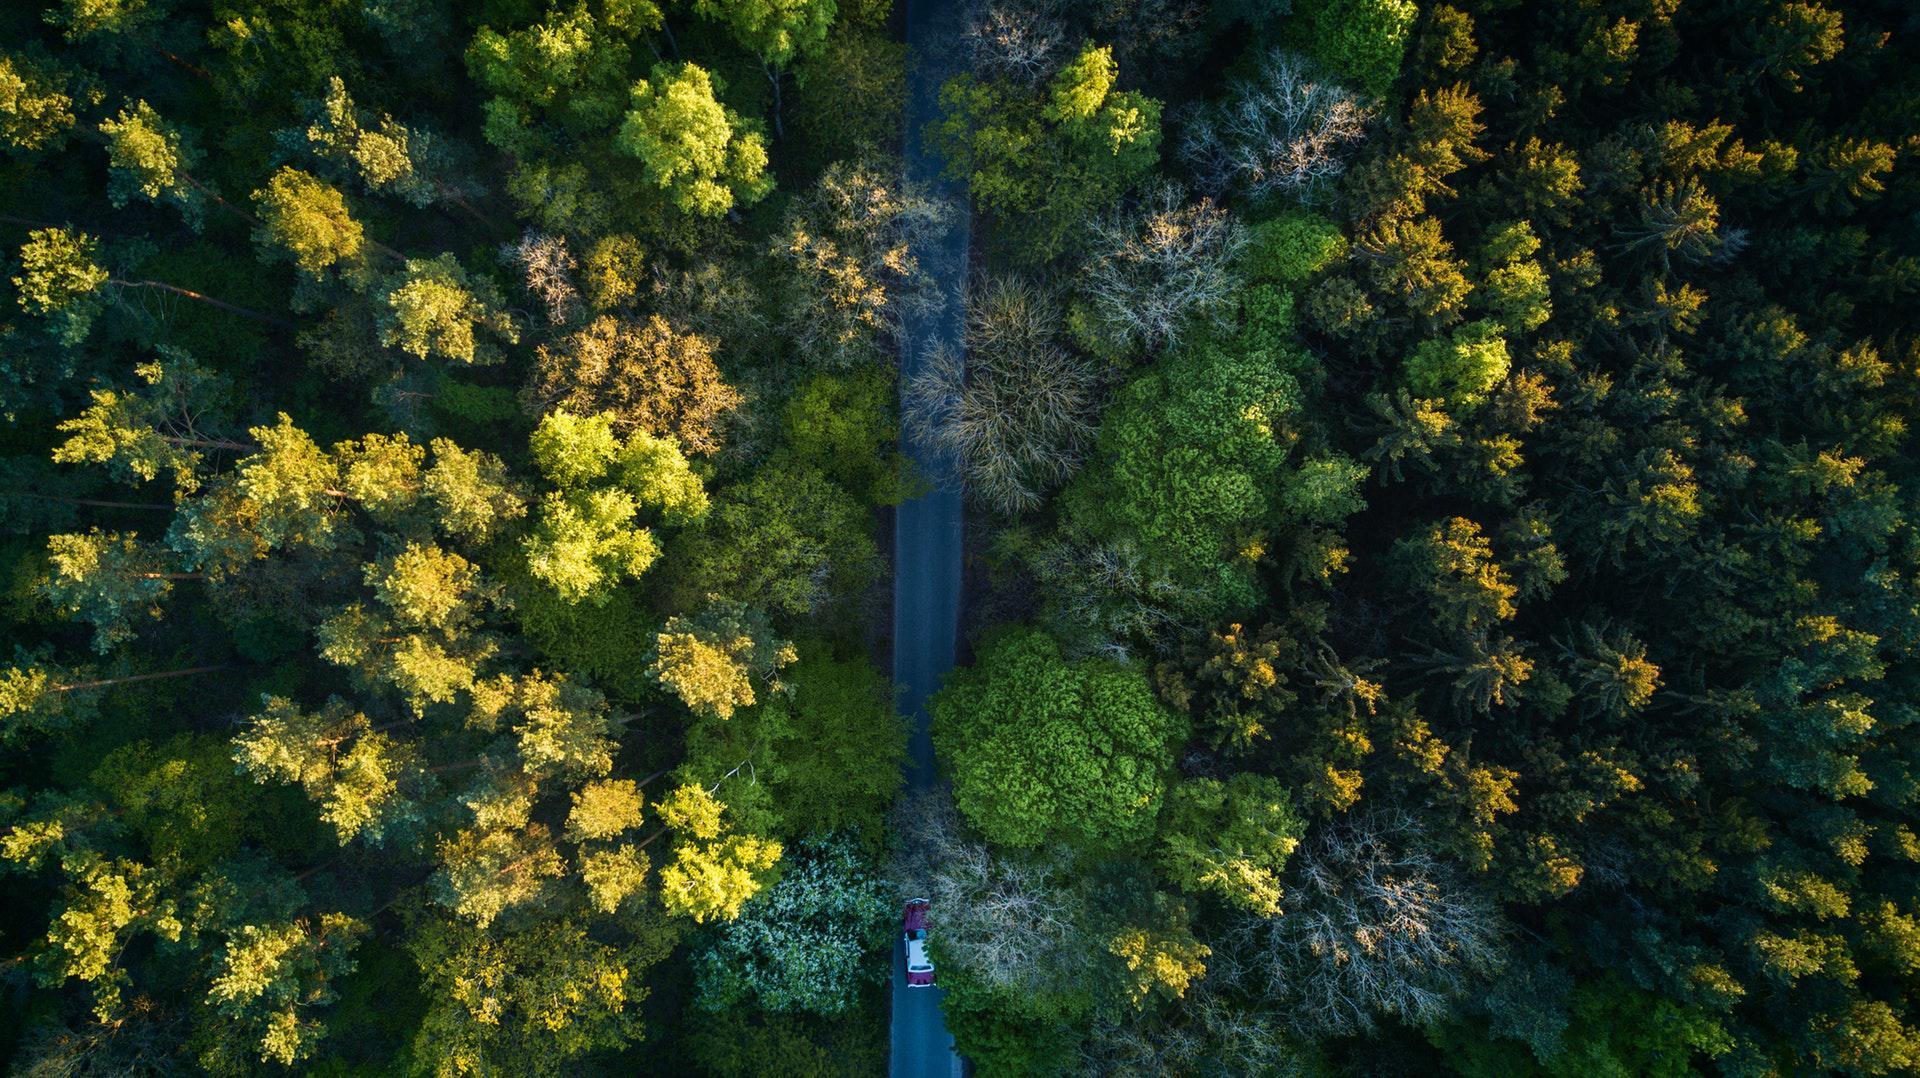 عکس زمینه جاده در وسط جنگل زیبا پس زمینه